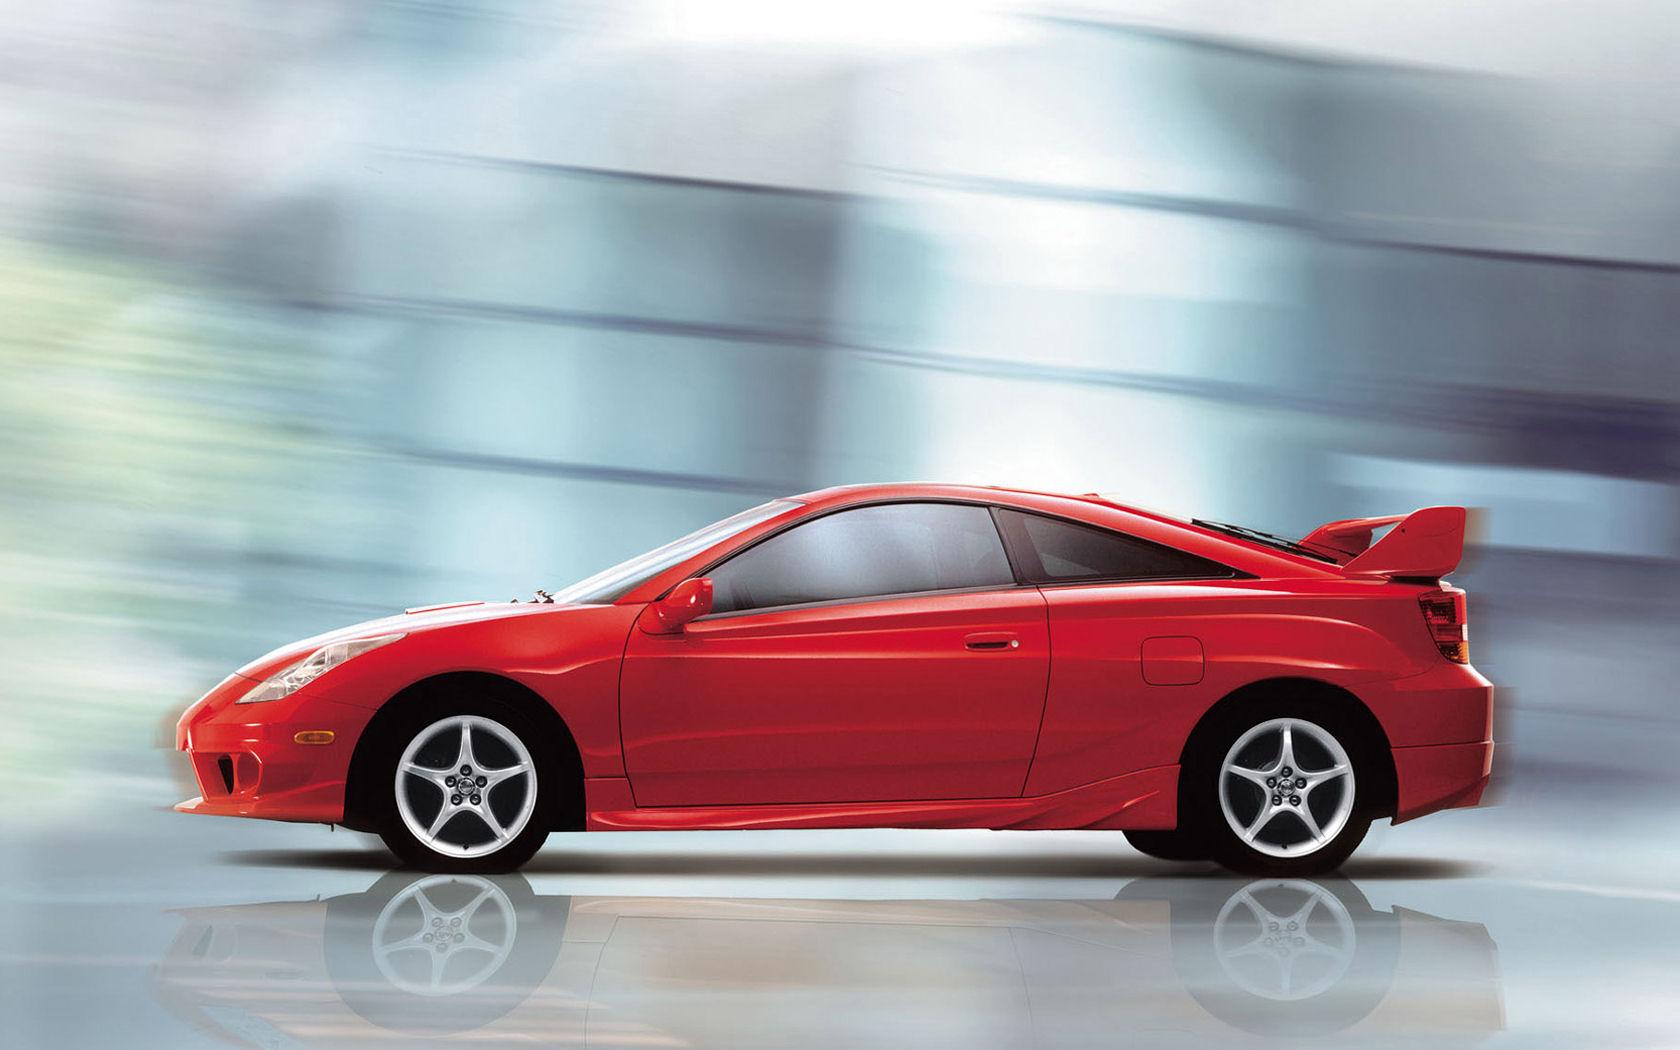 Celica Toyota Celica Desktop Wallpapers Widescreen Wallpaper 1680x1050